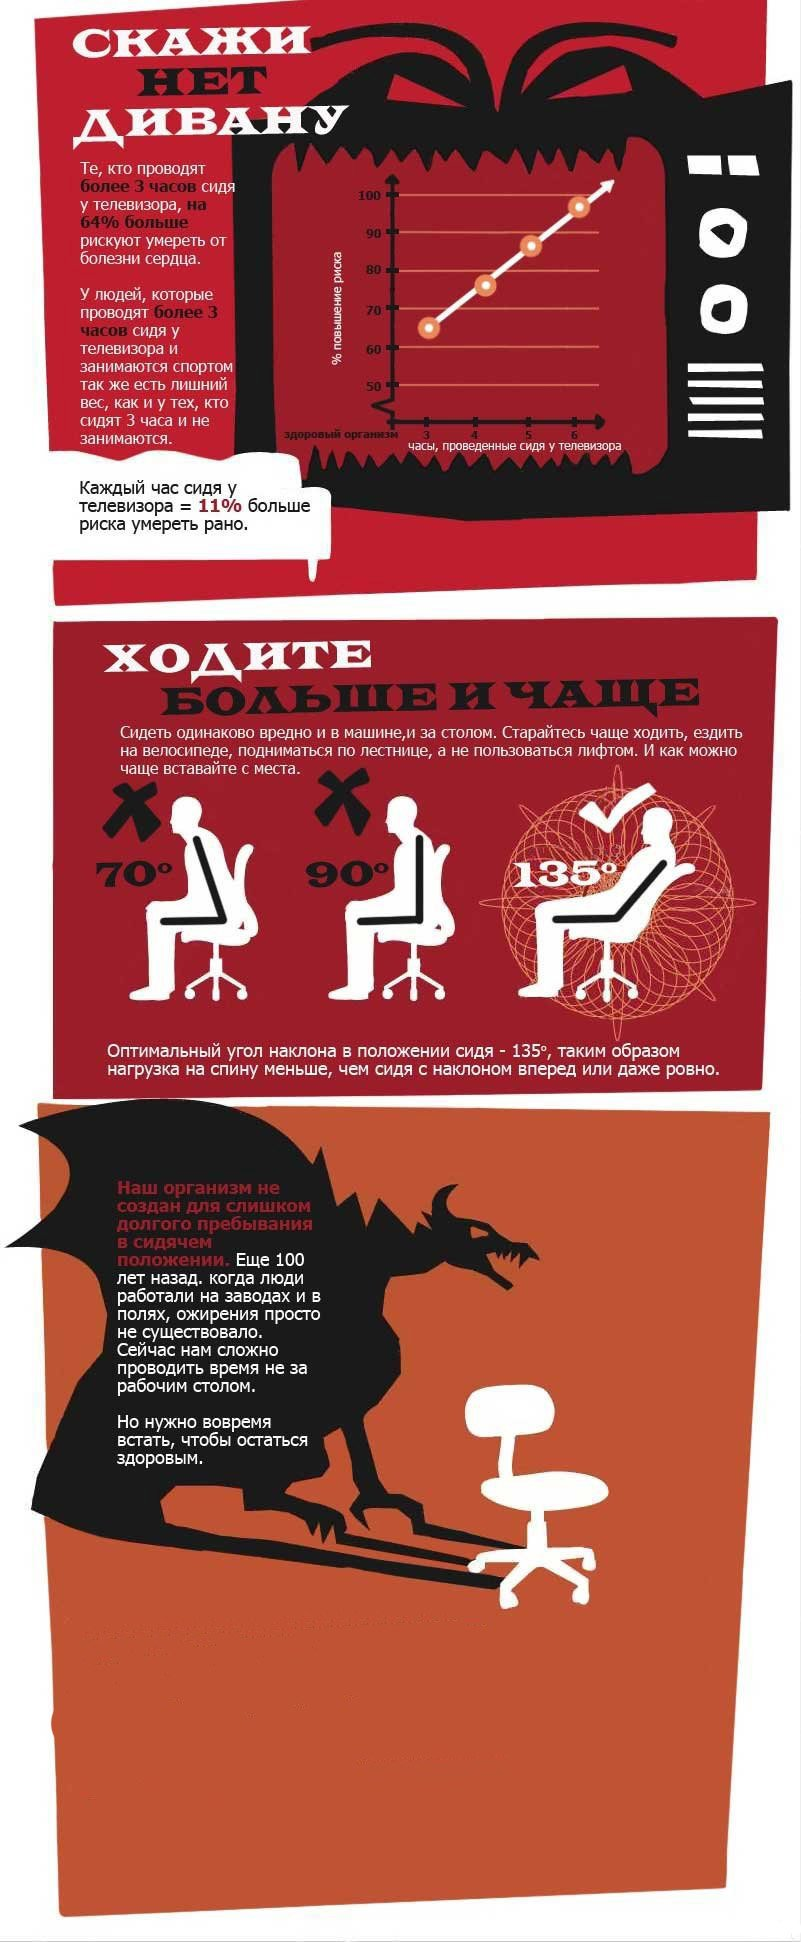 Пост в «Паб» от 10.02.2012 - Изображение 3